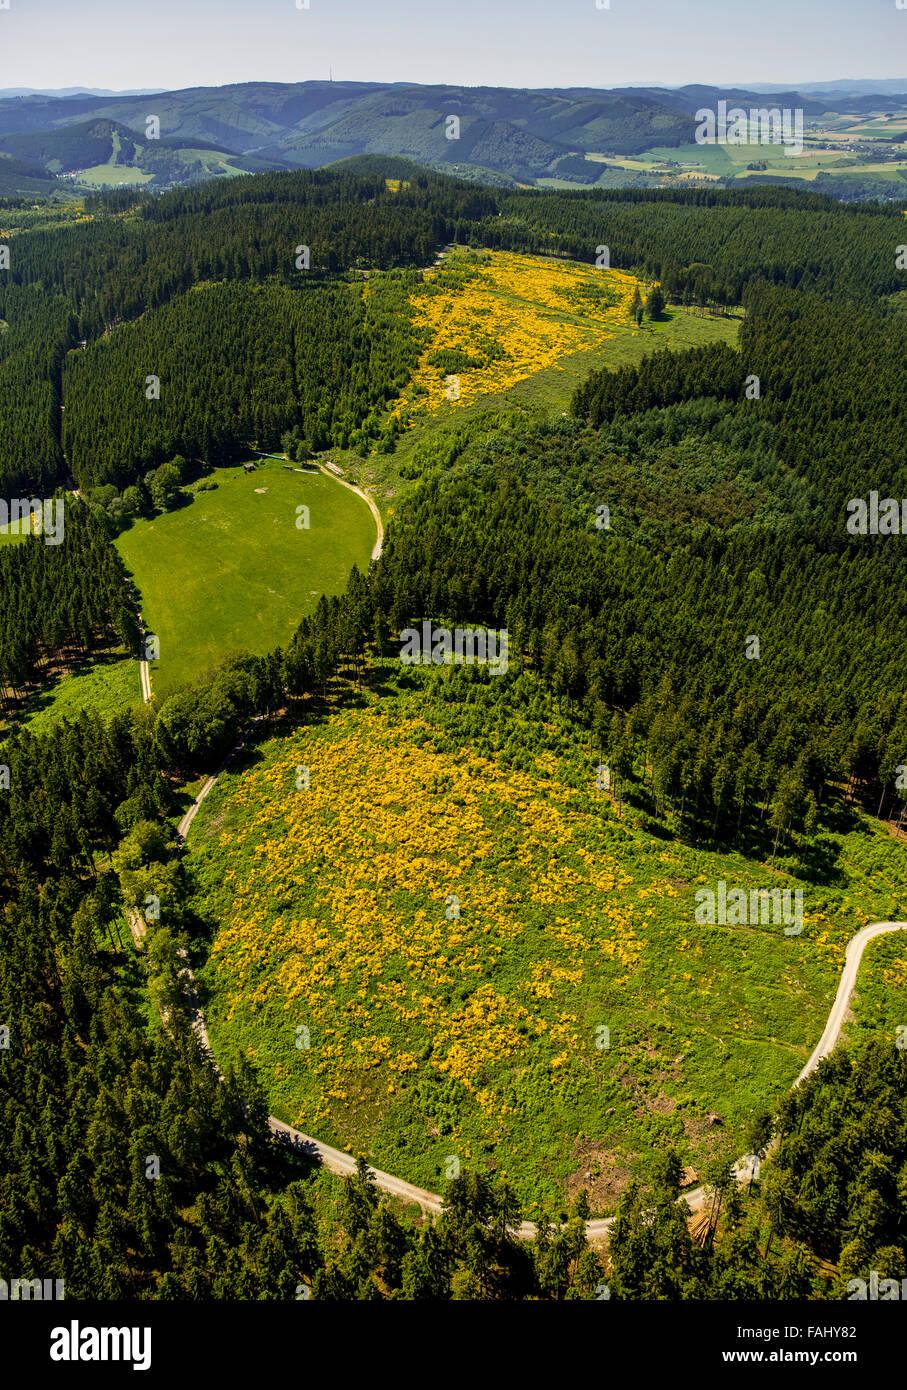 Vista aérea, en el campo de monte bajo, floración, retamas, Winterberg, Sauerland, Renania del Norte-Westfalia, Alemania, Europa, vista aérea, Foto de stock